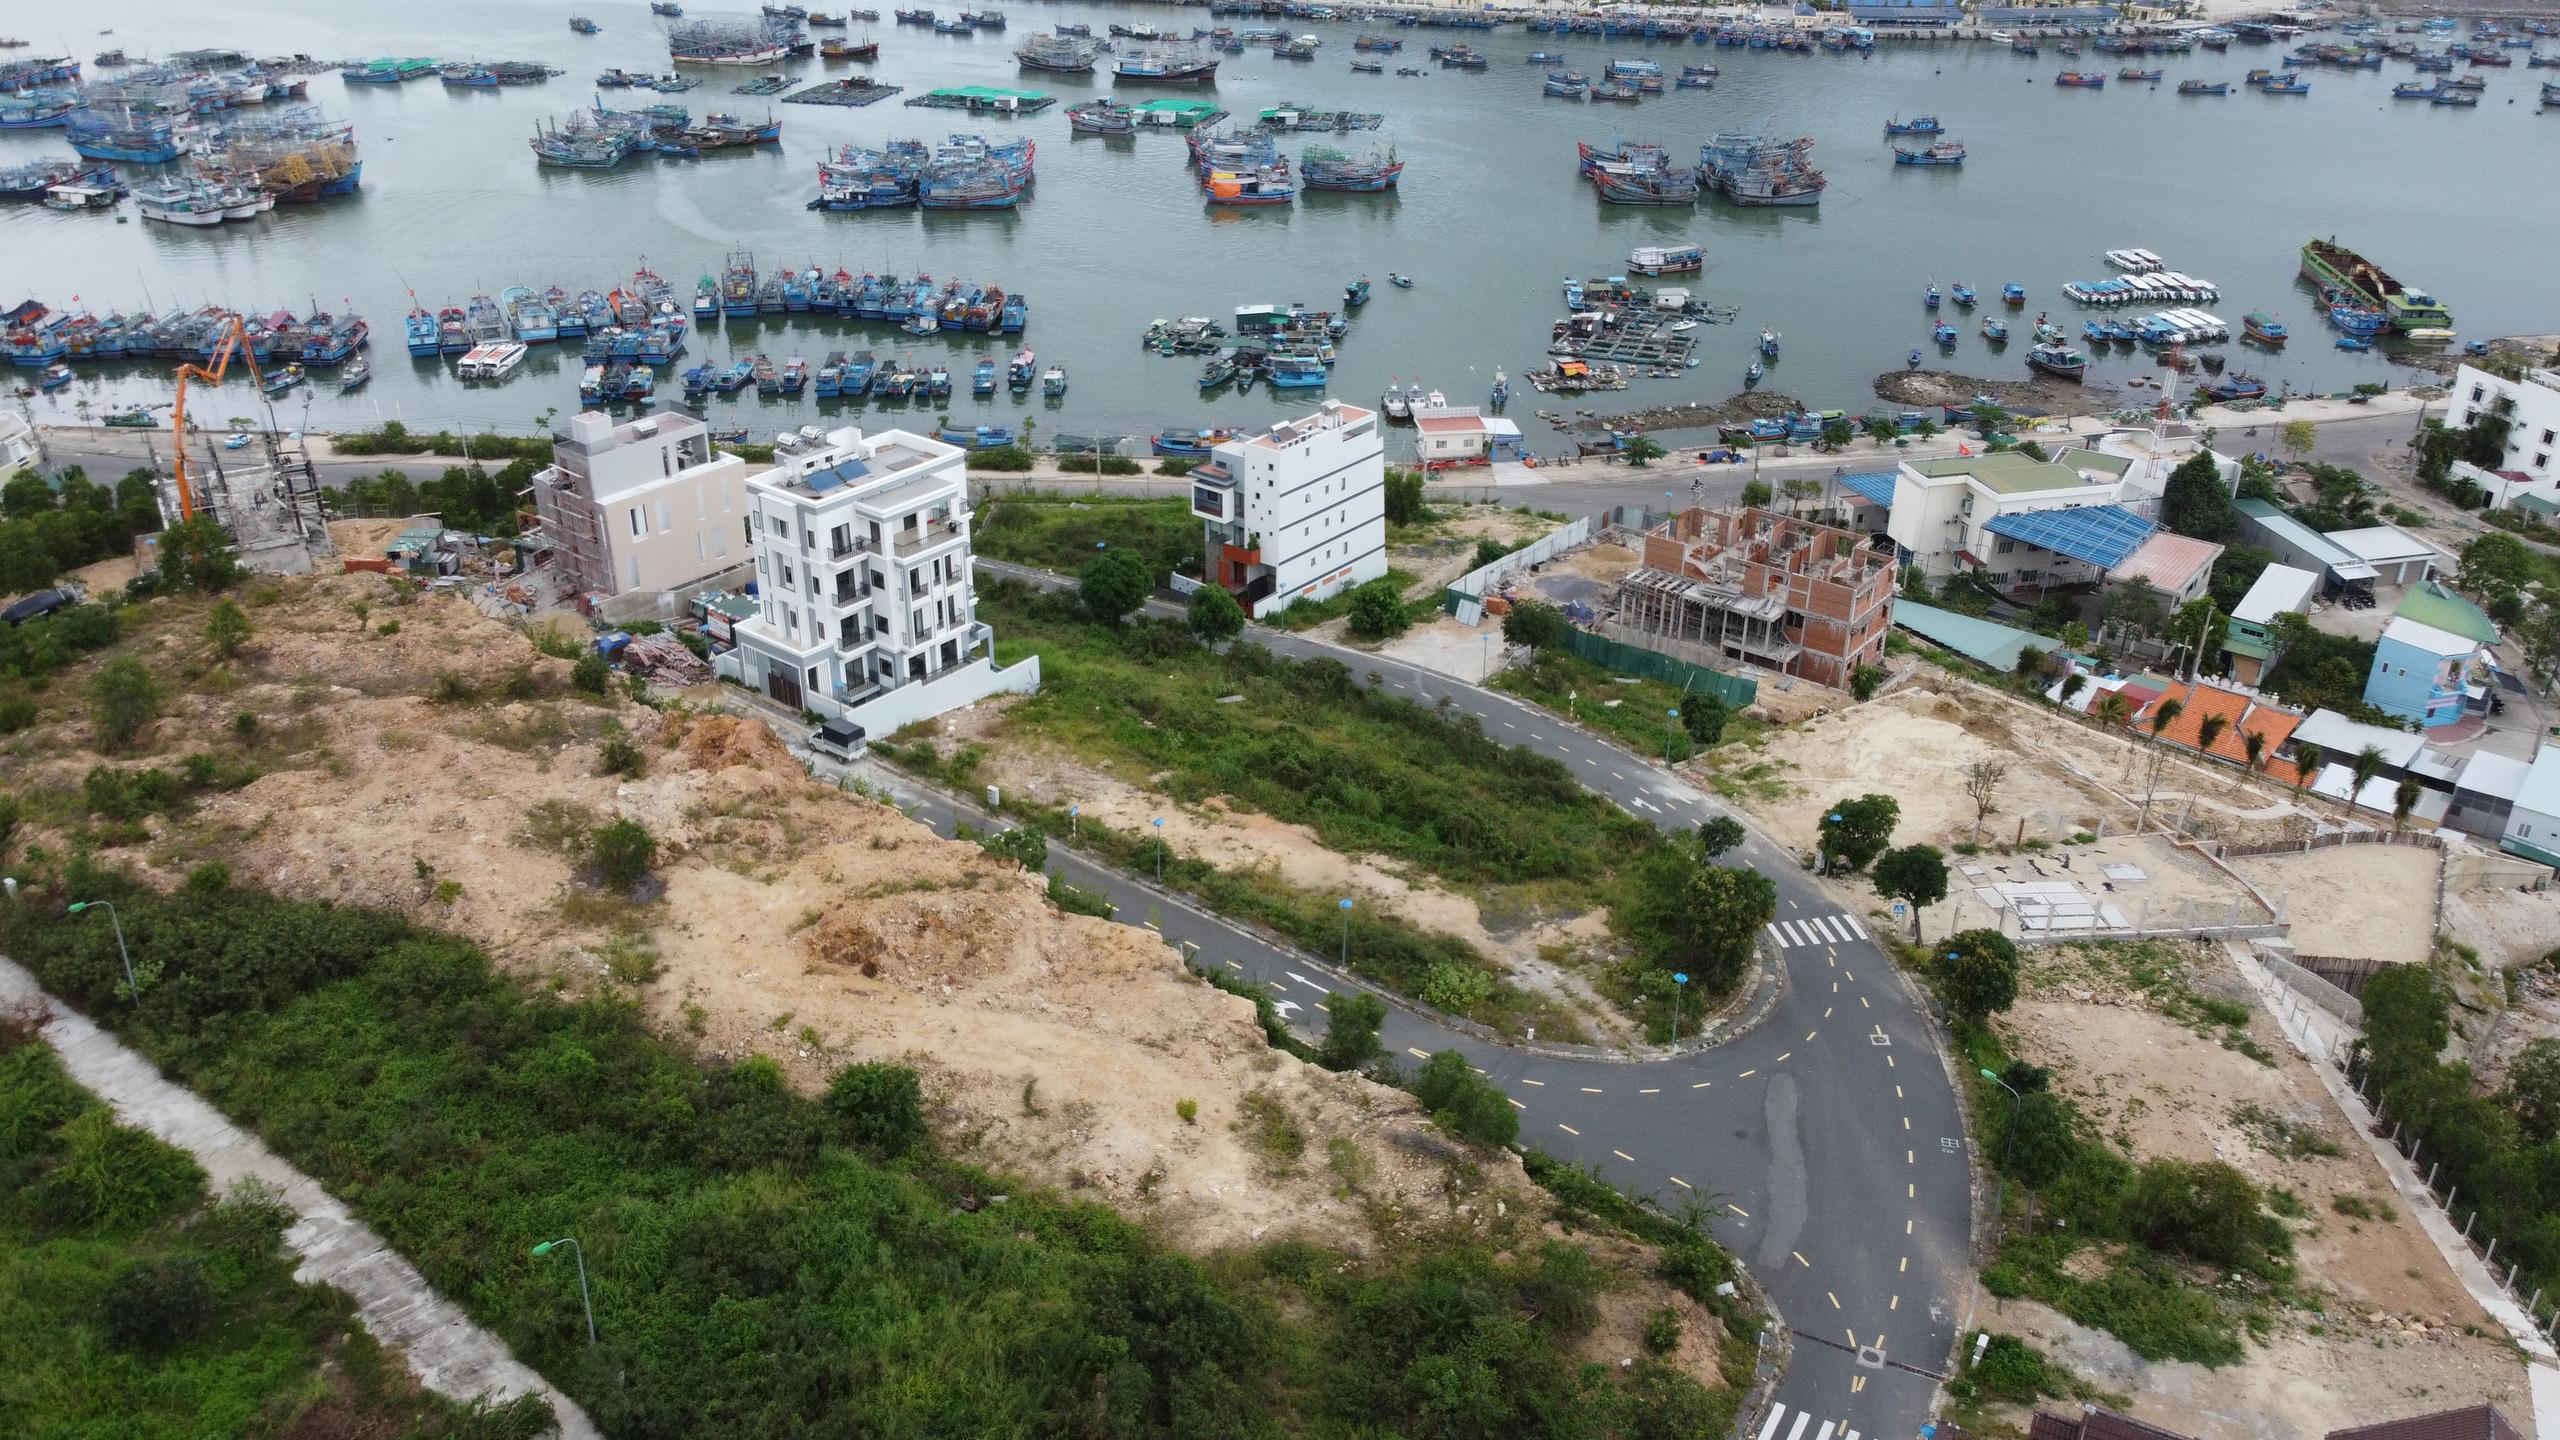 Xử lý sai phạm tại khu biệt thự Nha Trang – Seapark - Ảnh 2.